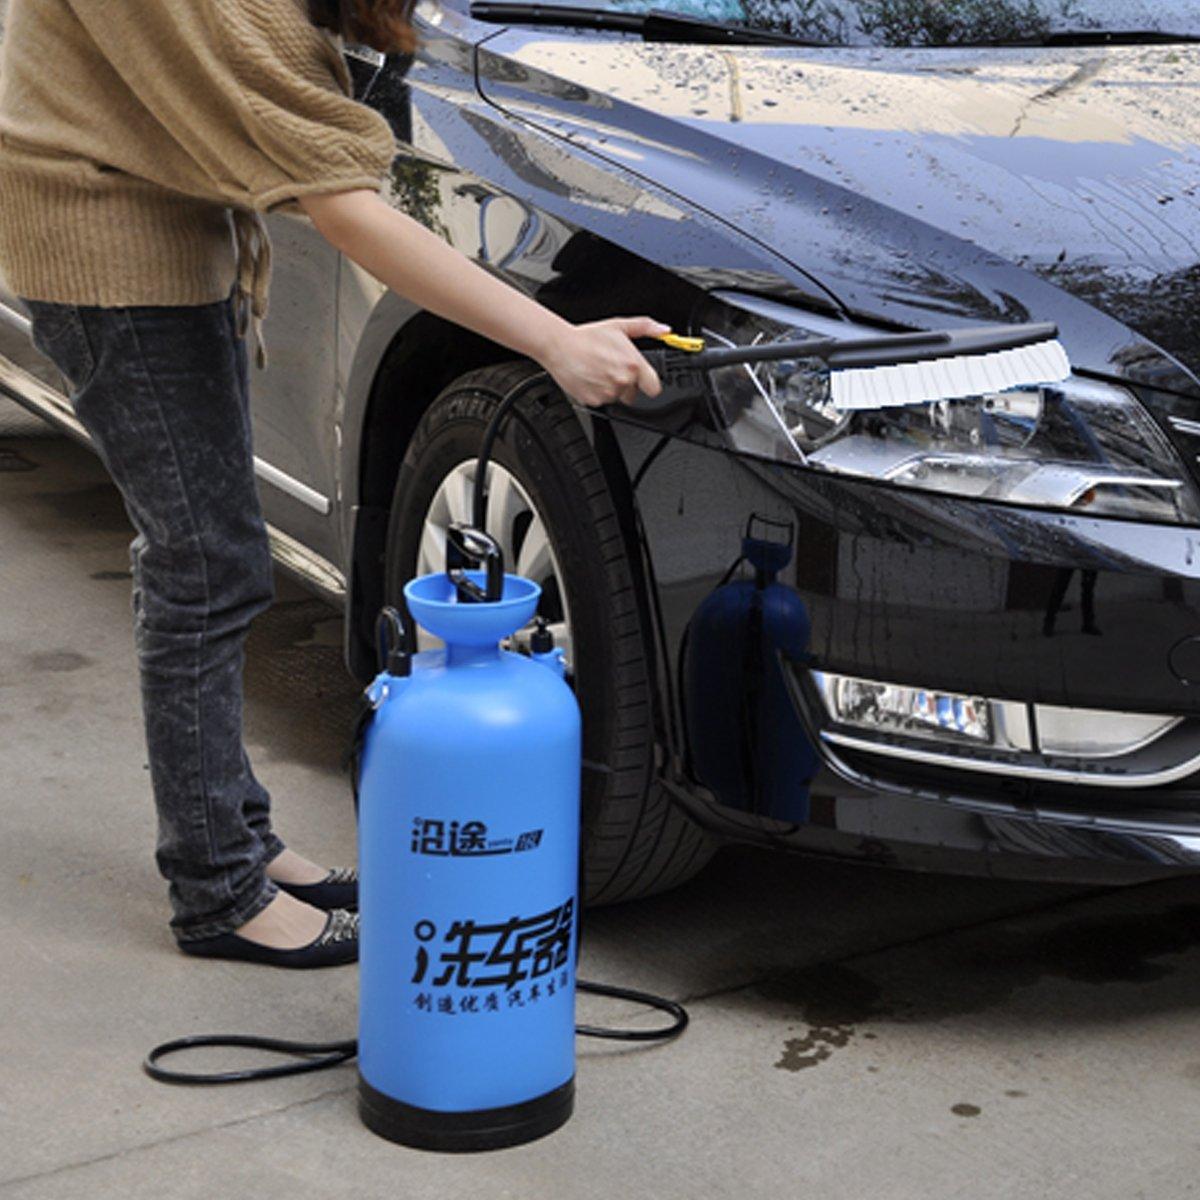 Bình rửa xe đa năng áp suất cao